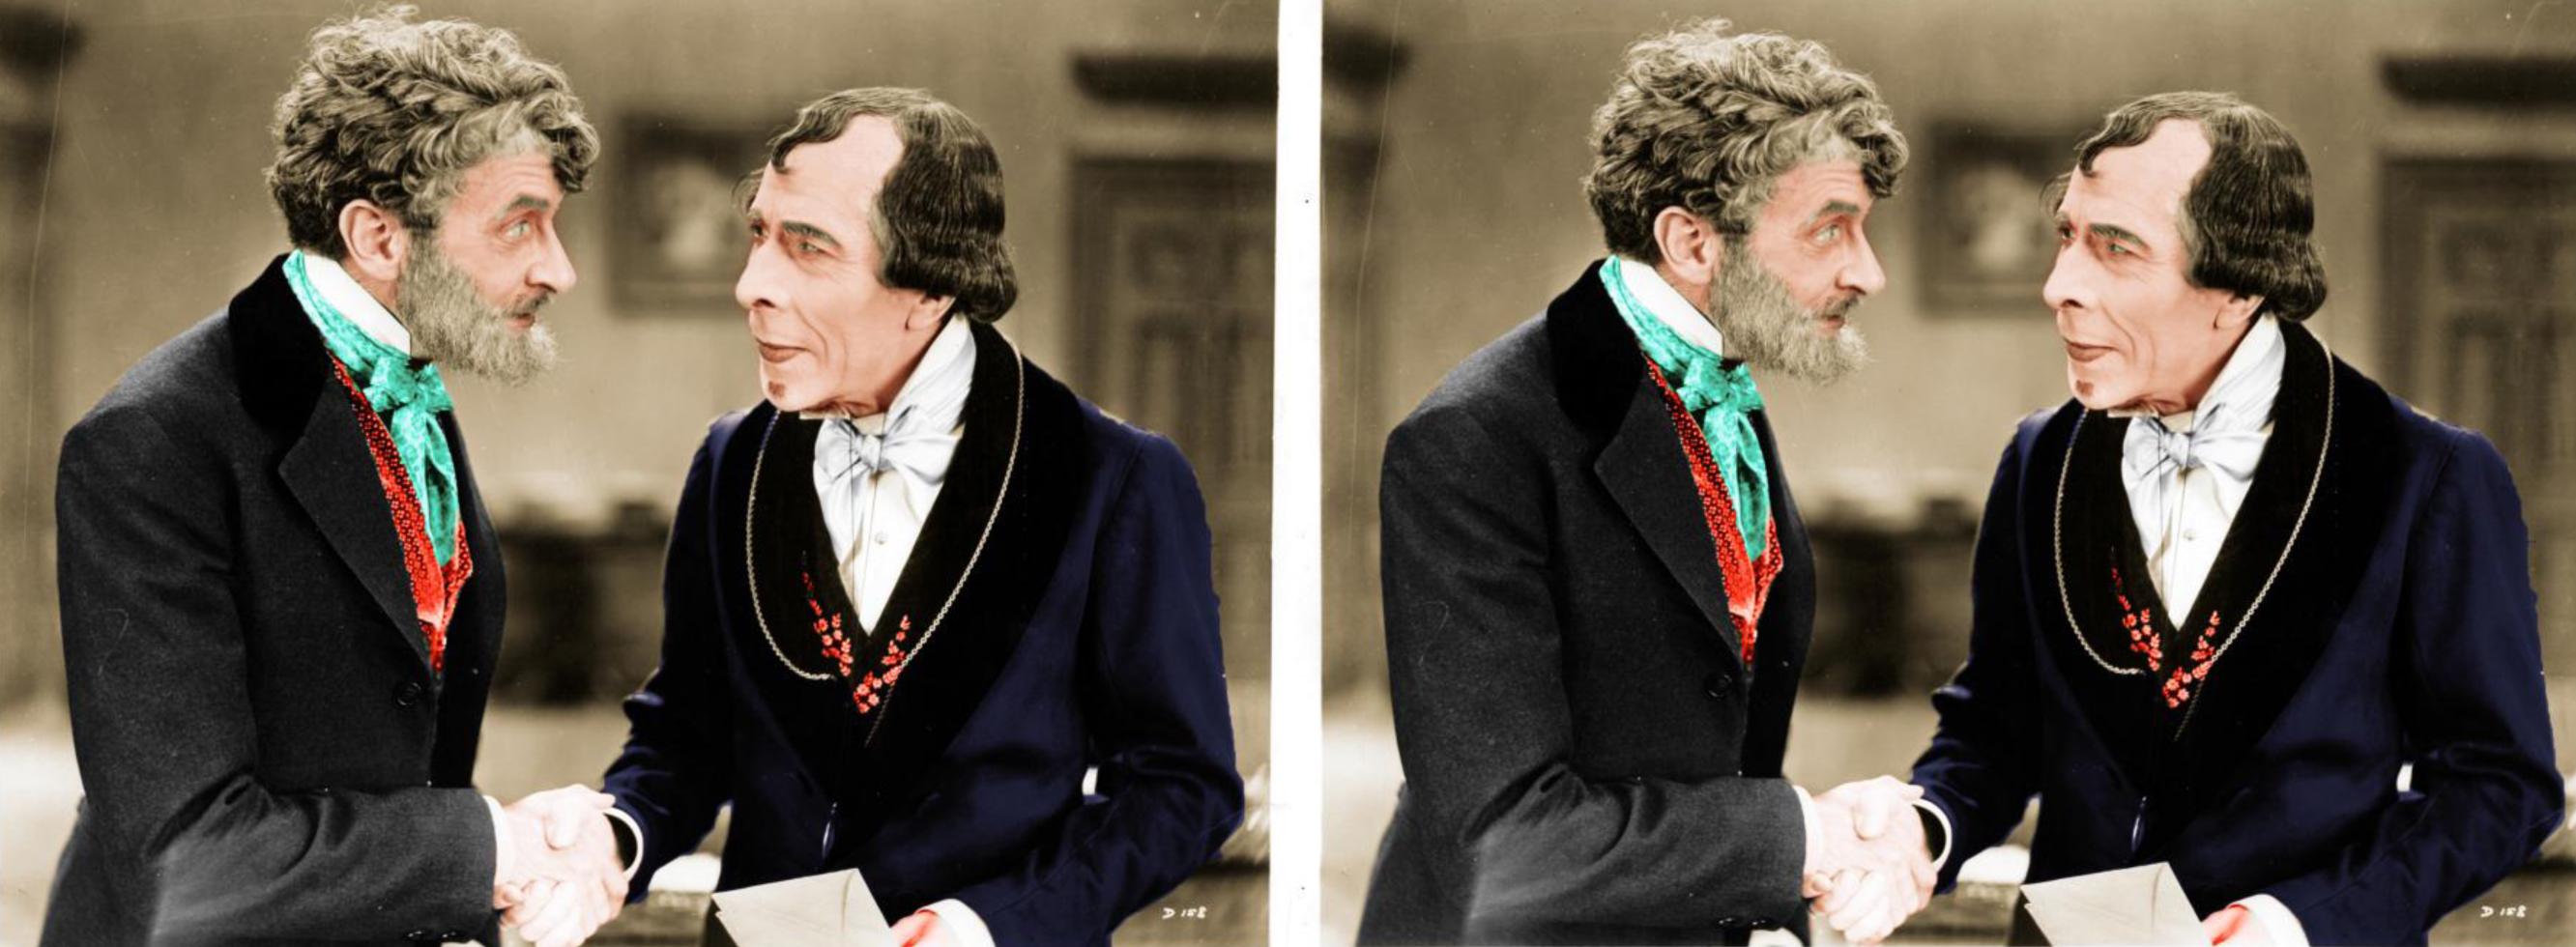 Arliss_Disraeli 3D